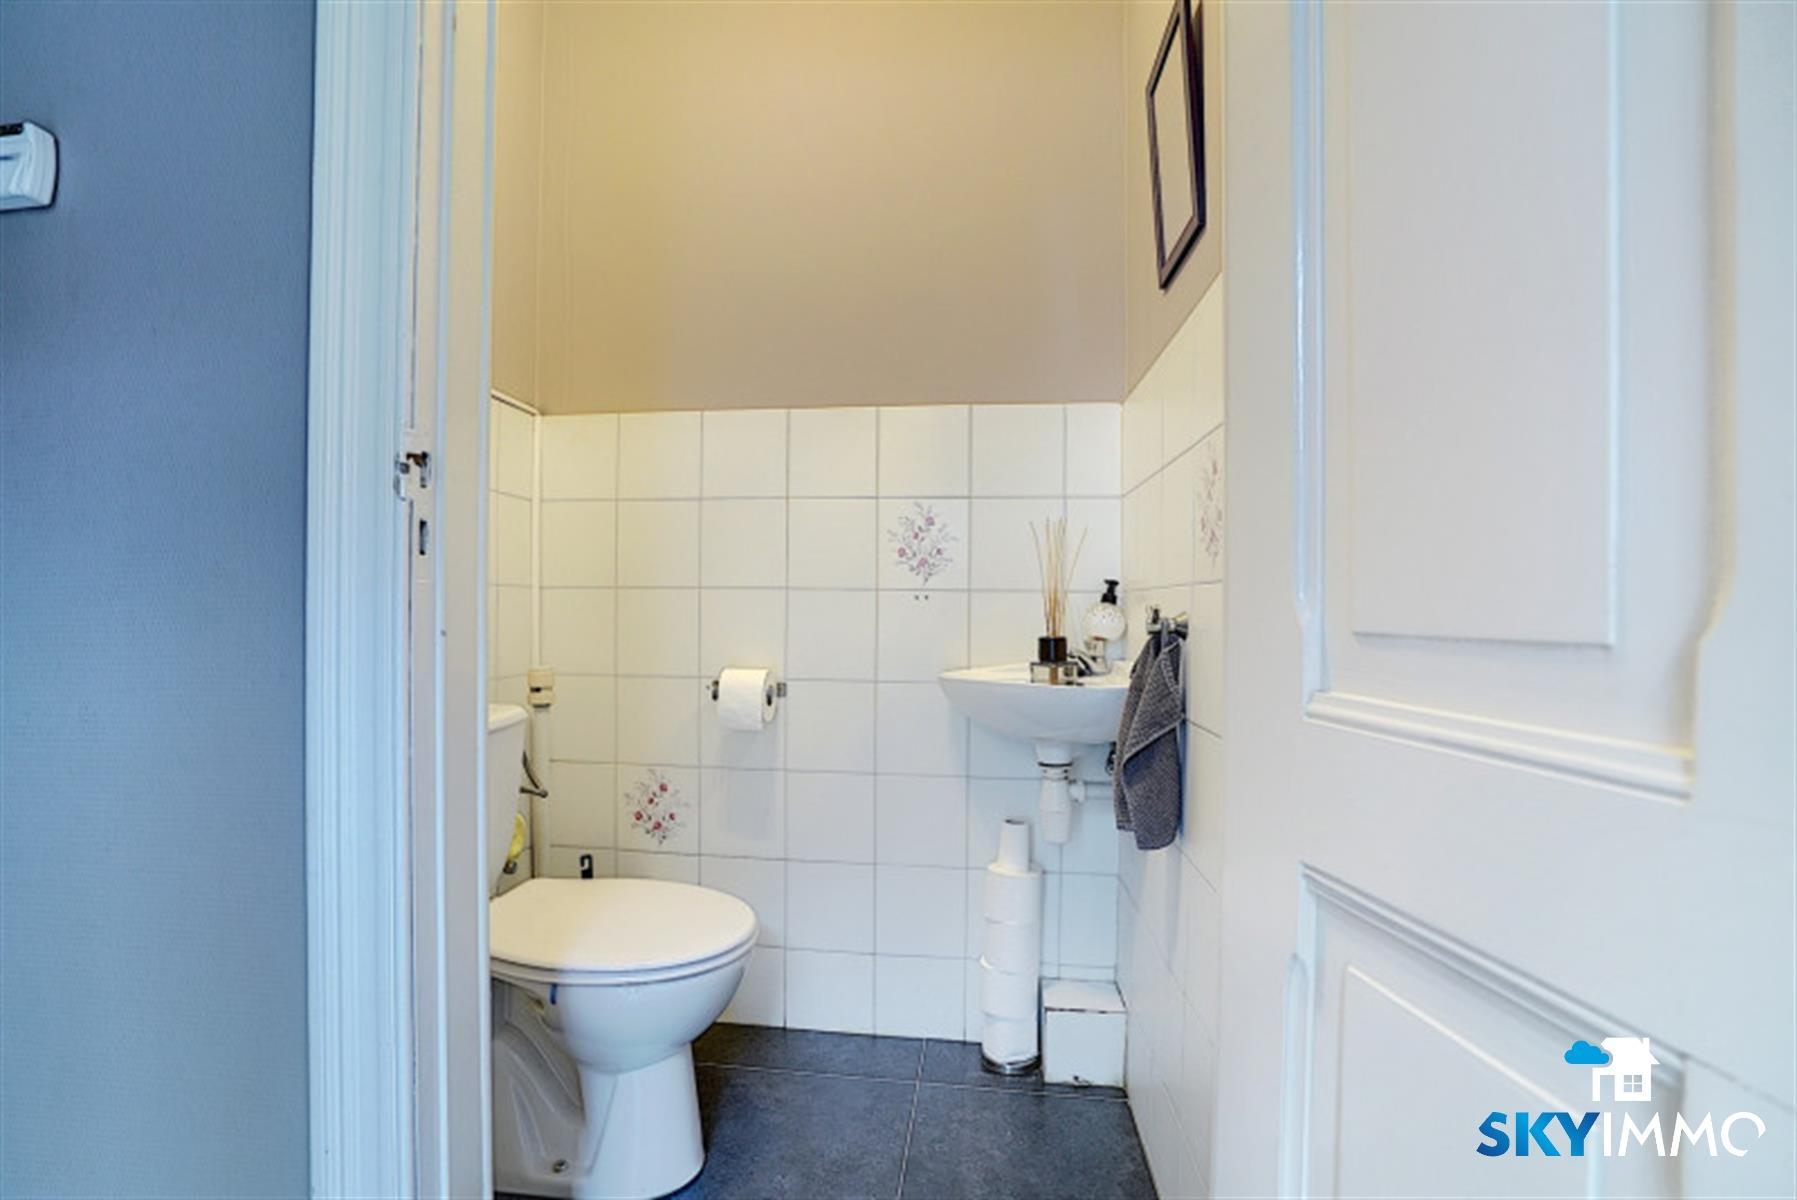 Maison - Liège - #4262984-44